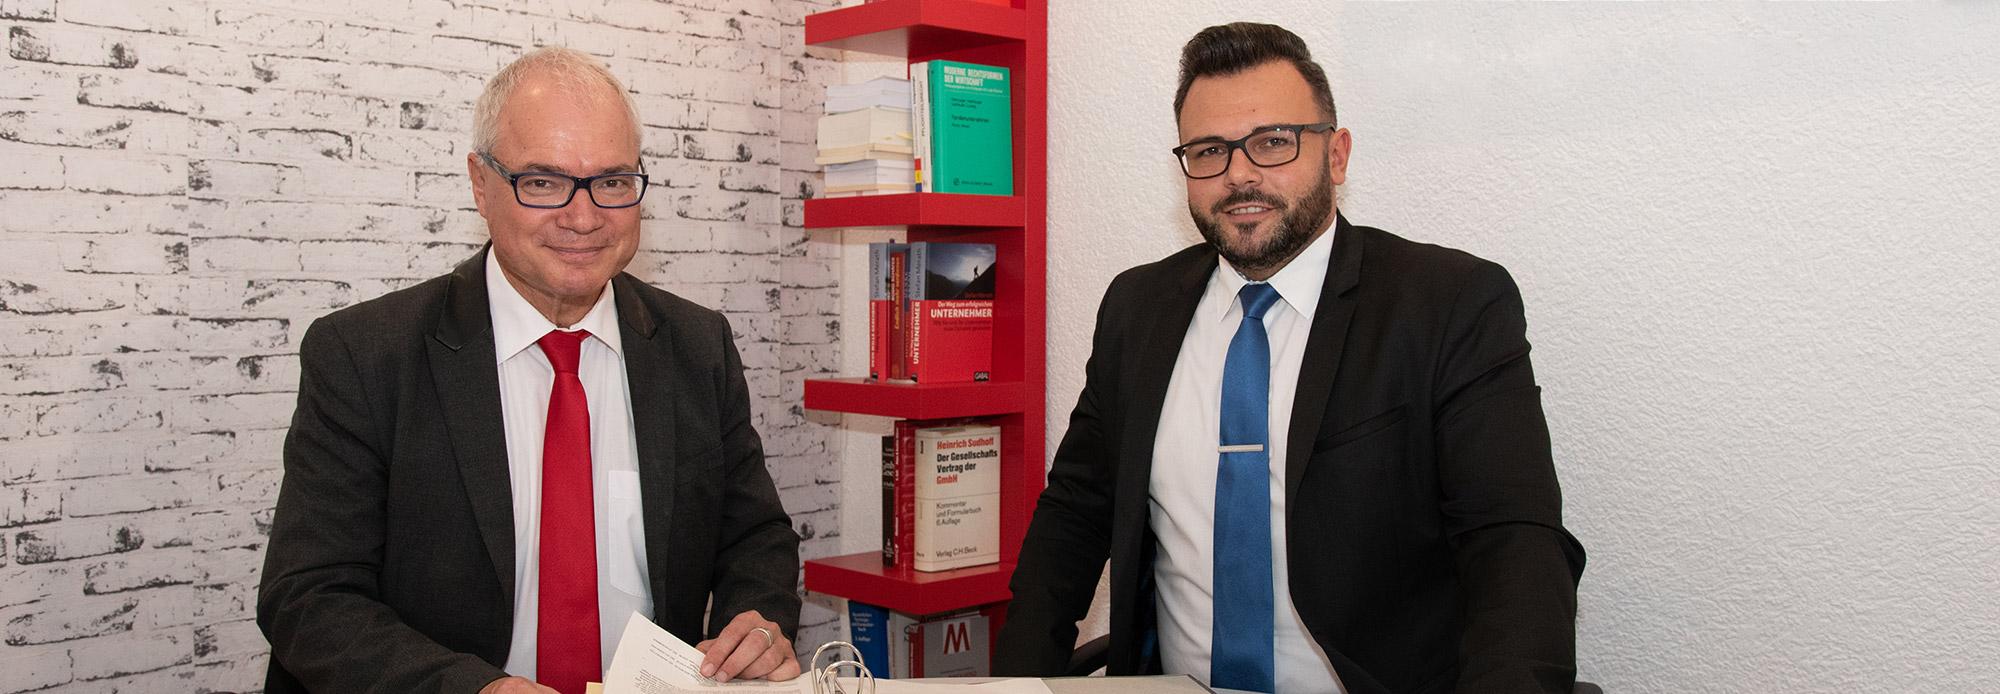 Insolvenzanwalt Schweinfurt Hans Müller und Alin Wellmann